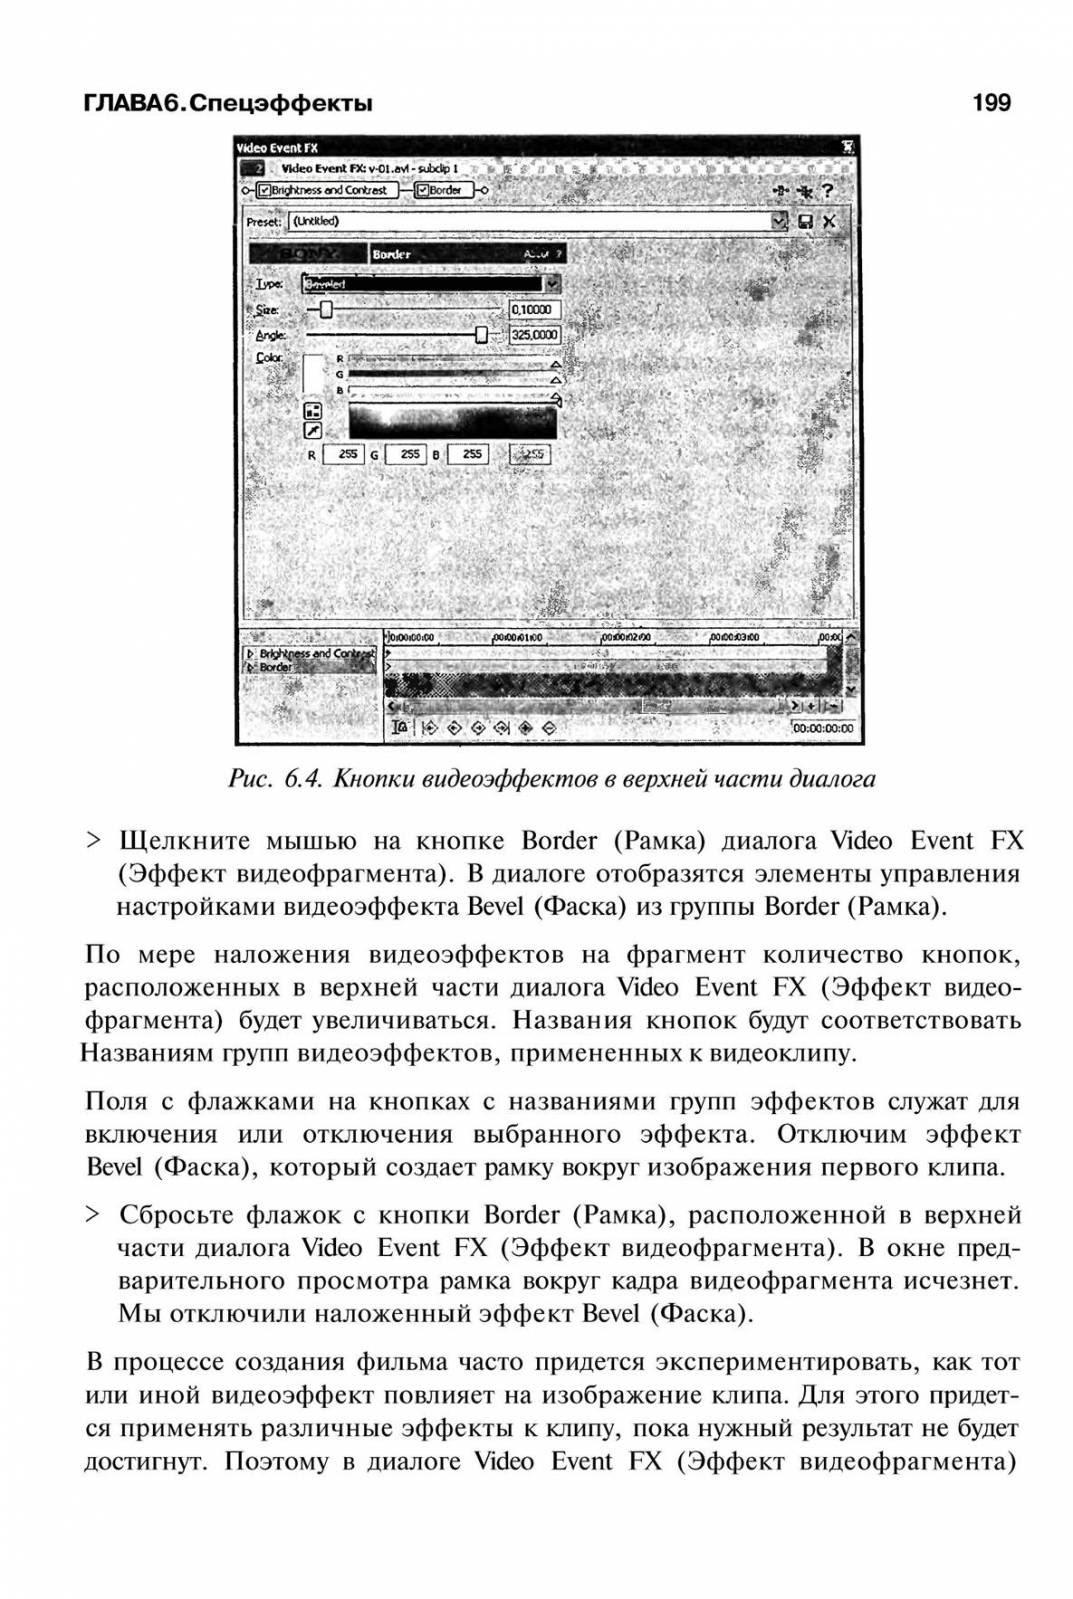 http://redaktori-uroki.3dn.ru/_ph/14/489622769.jpg